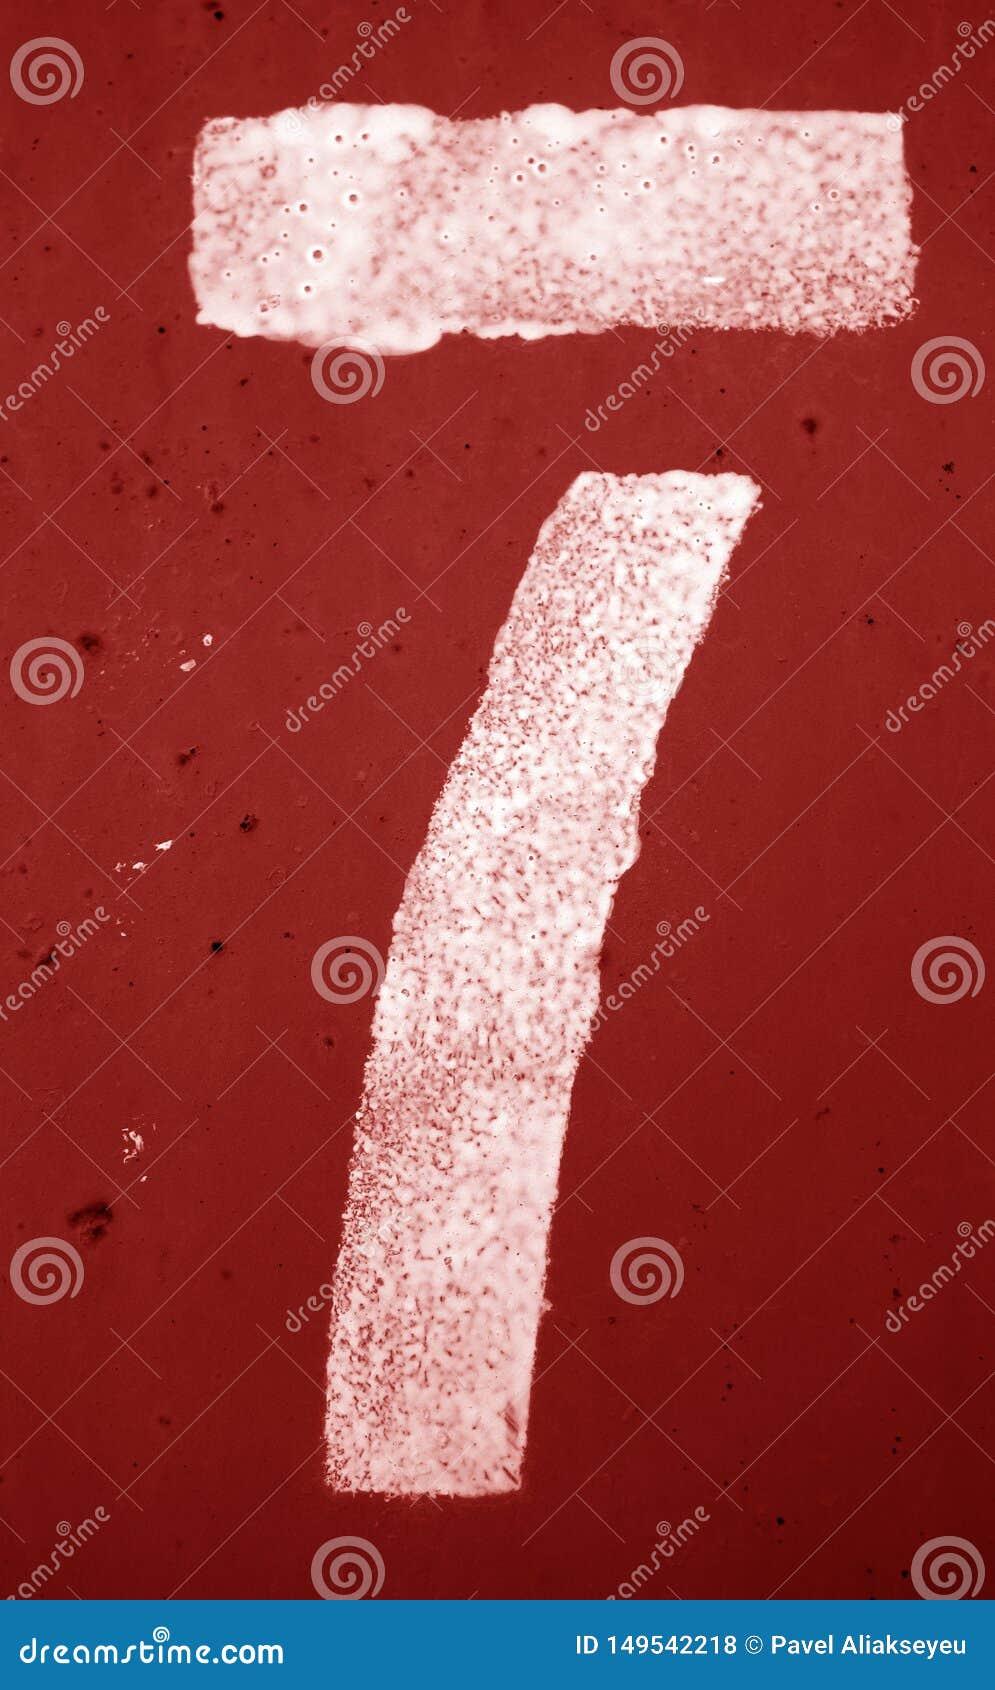 Αριθμός 7 στο διάτρητο στον τοίχο μετάλλων στον κόκκινο τόνο